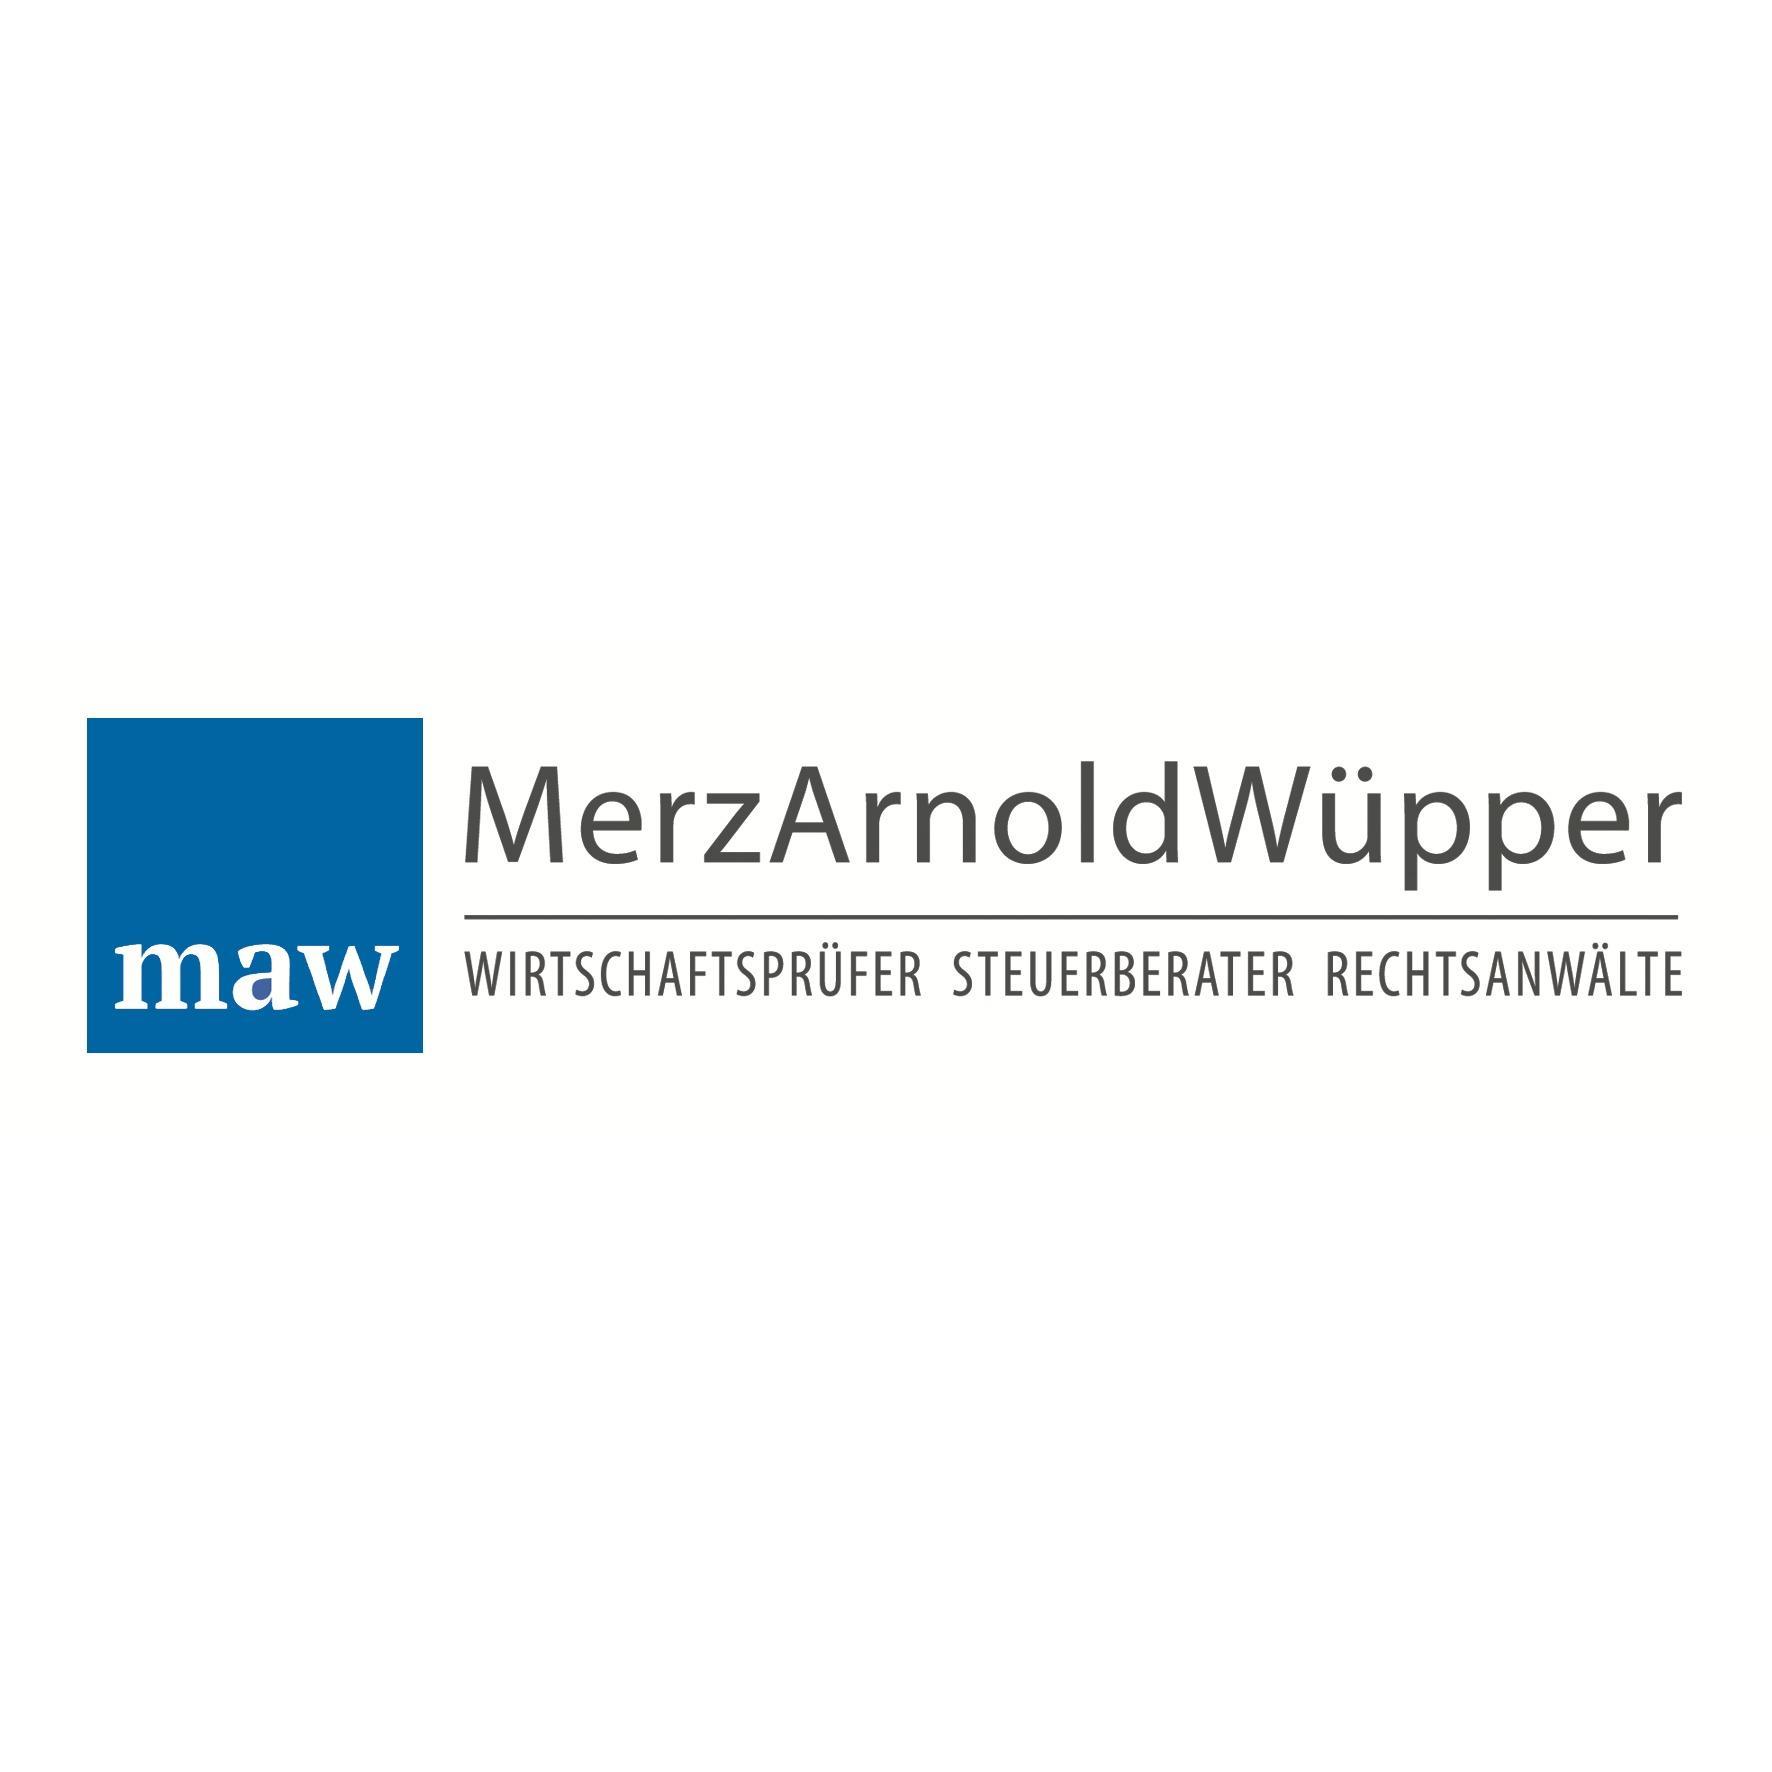 Bild zu MerzArnoldWüpper Wirtschaftsprüfer Steuerberater Rechtsanwälte in Bad Homburg vor der Höhe